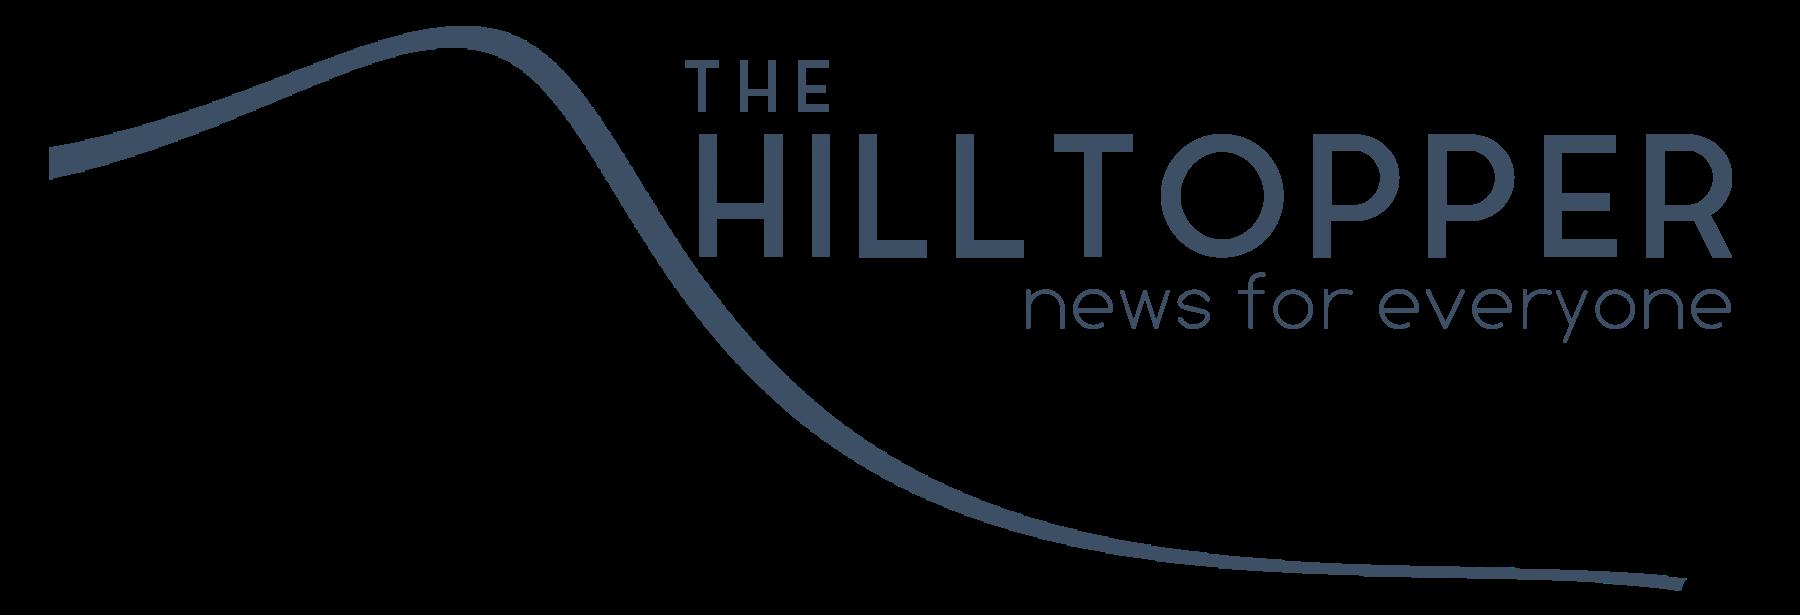 The Hilltopper